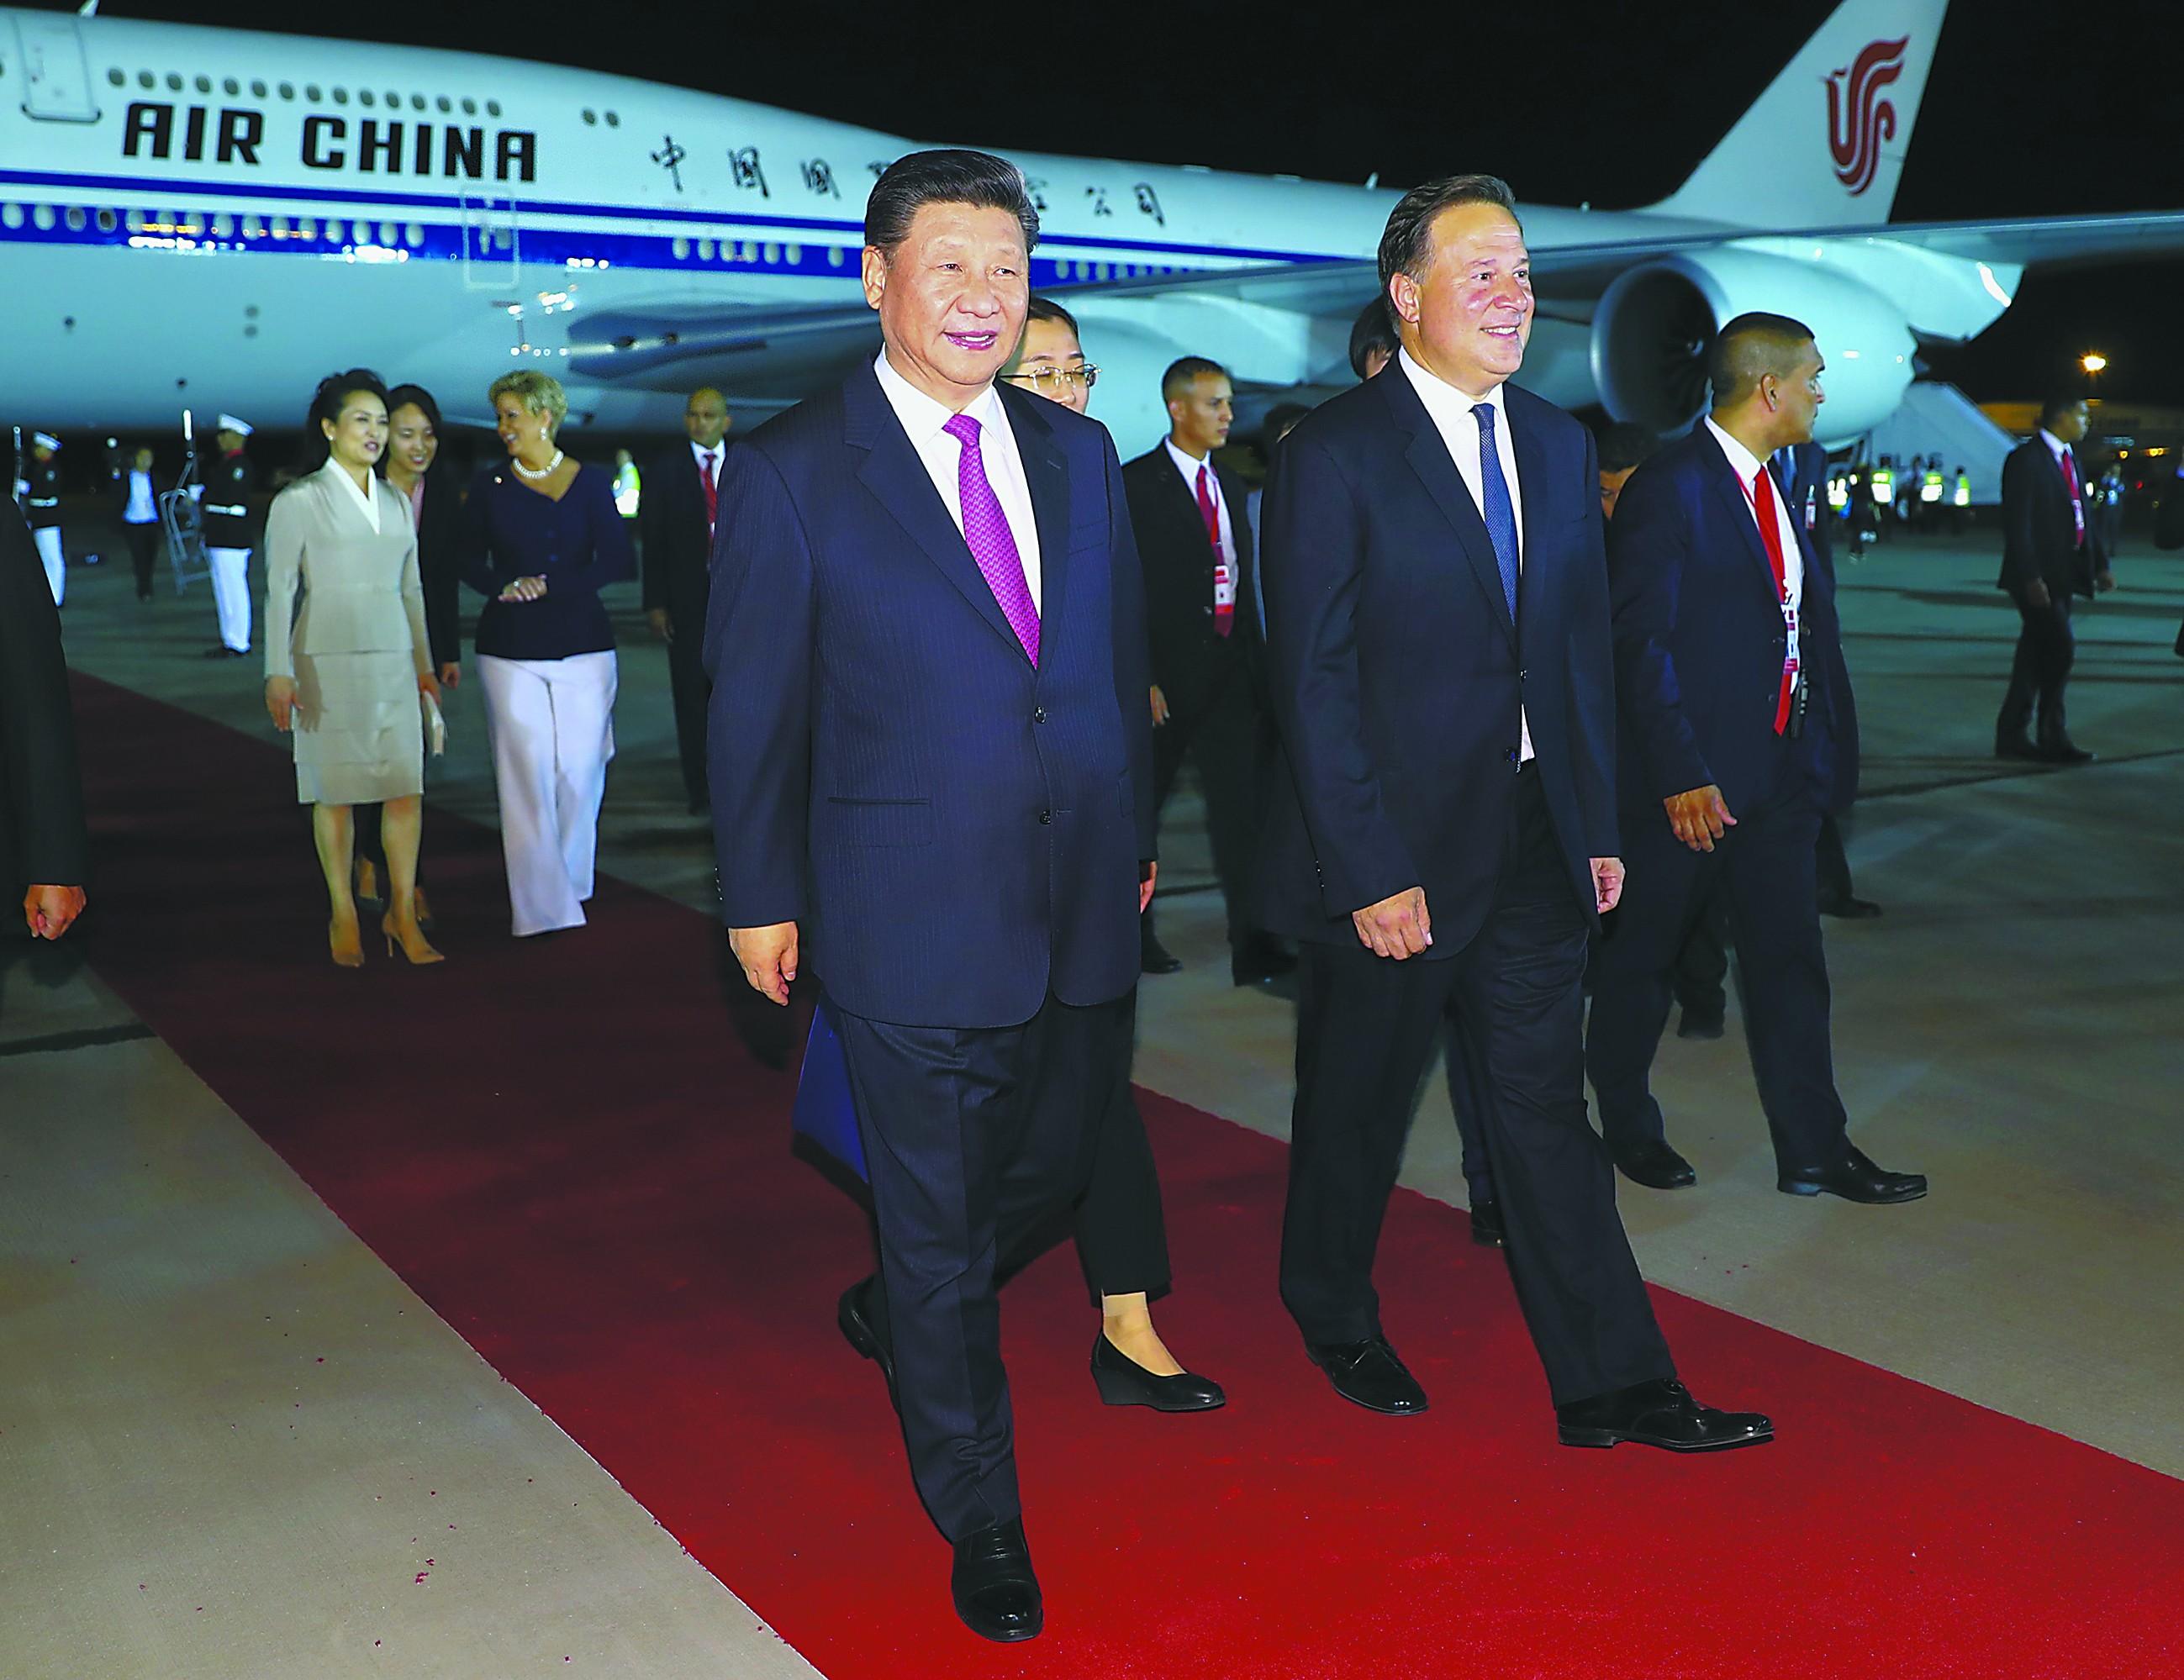 中国拉美拥抱令世界瞩目